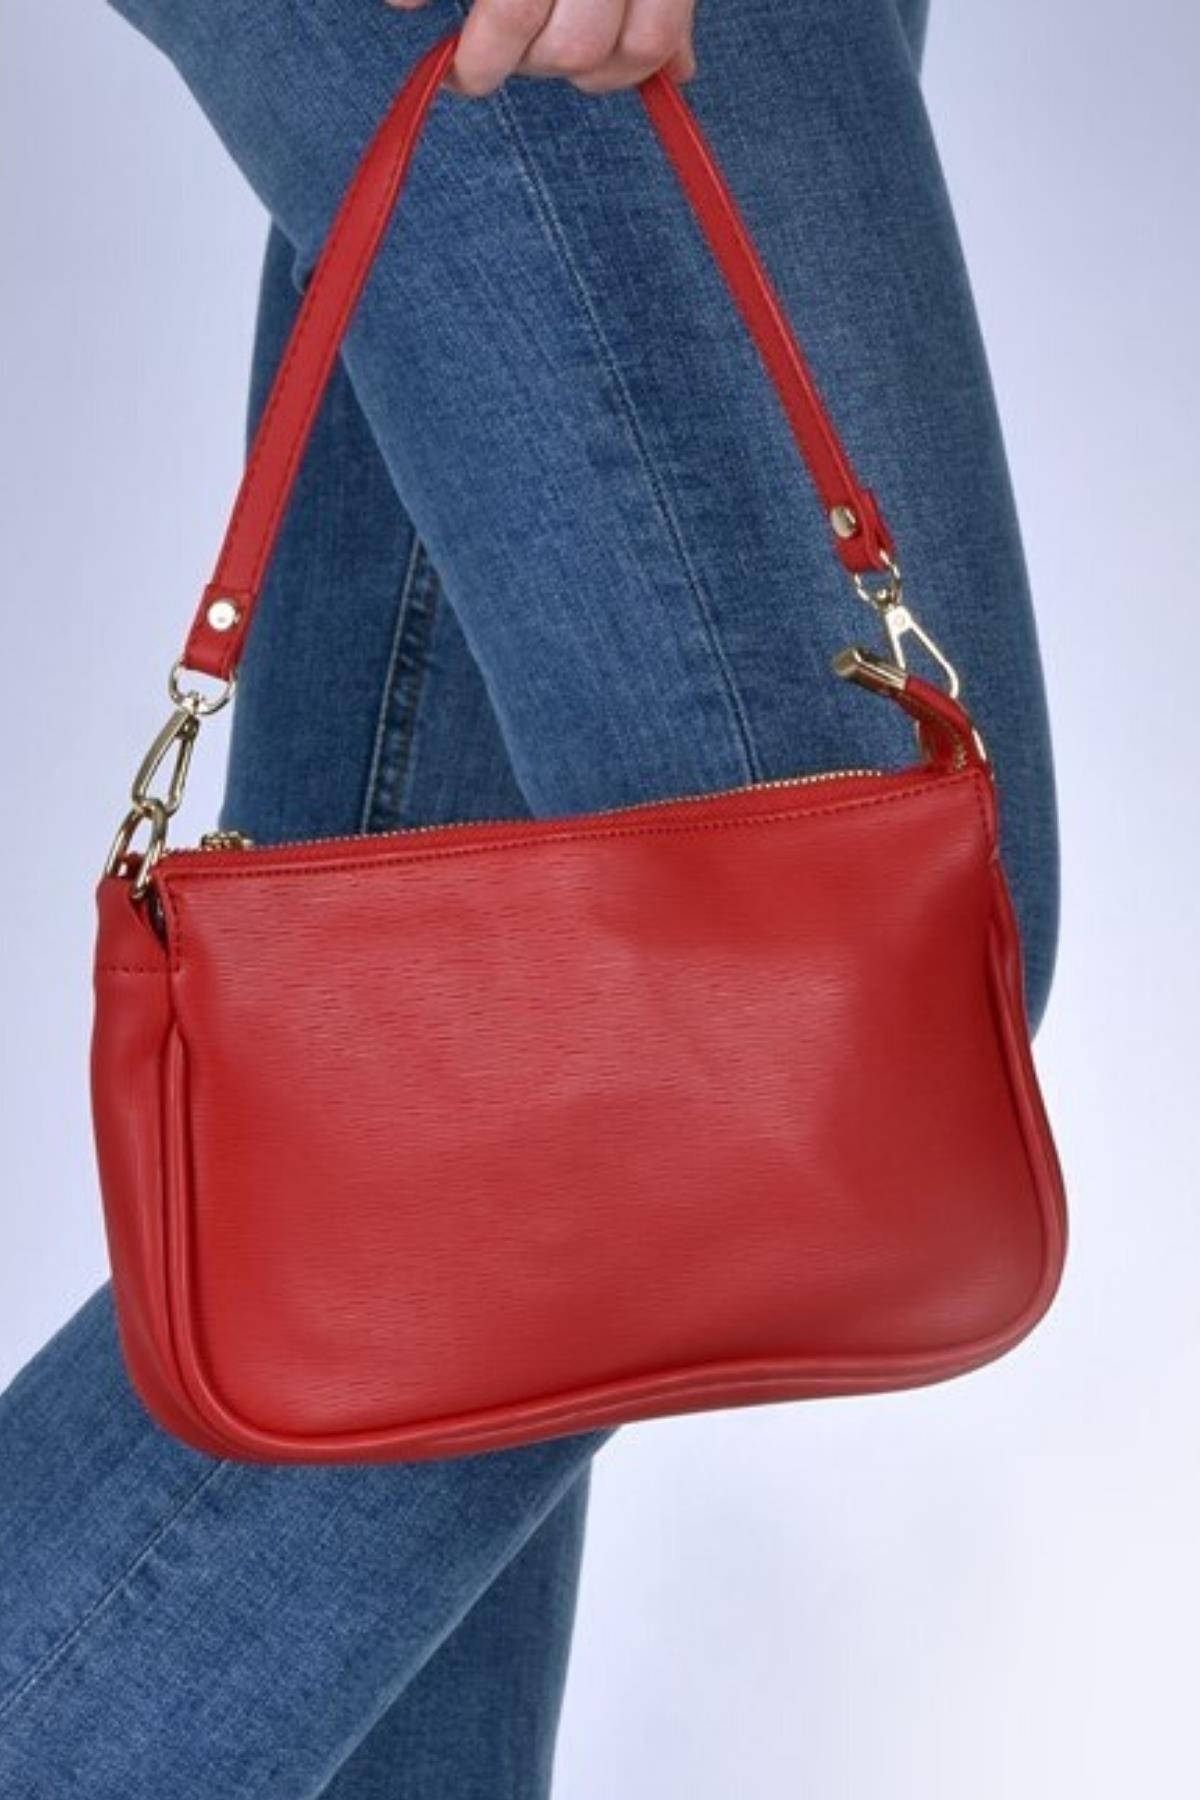 Çantaland Günlük Kullanıma Uygun, Şık Ve Rahat Baget Kadın Çanta 1